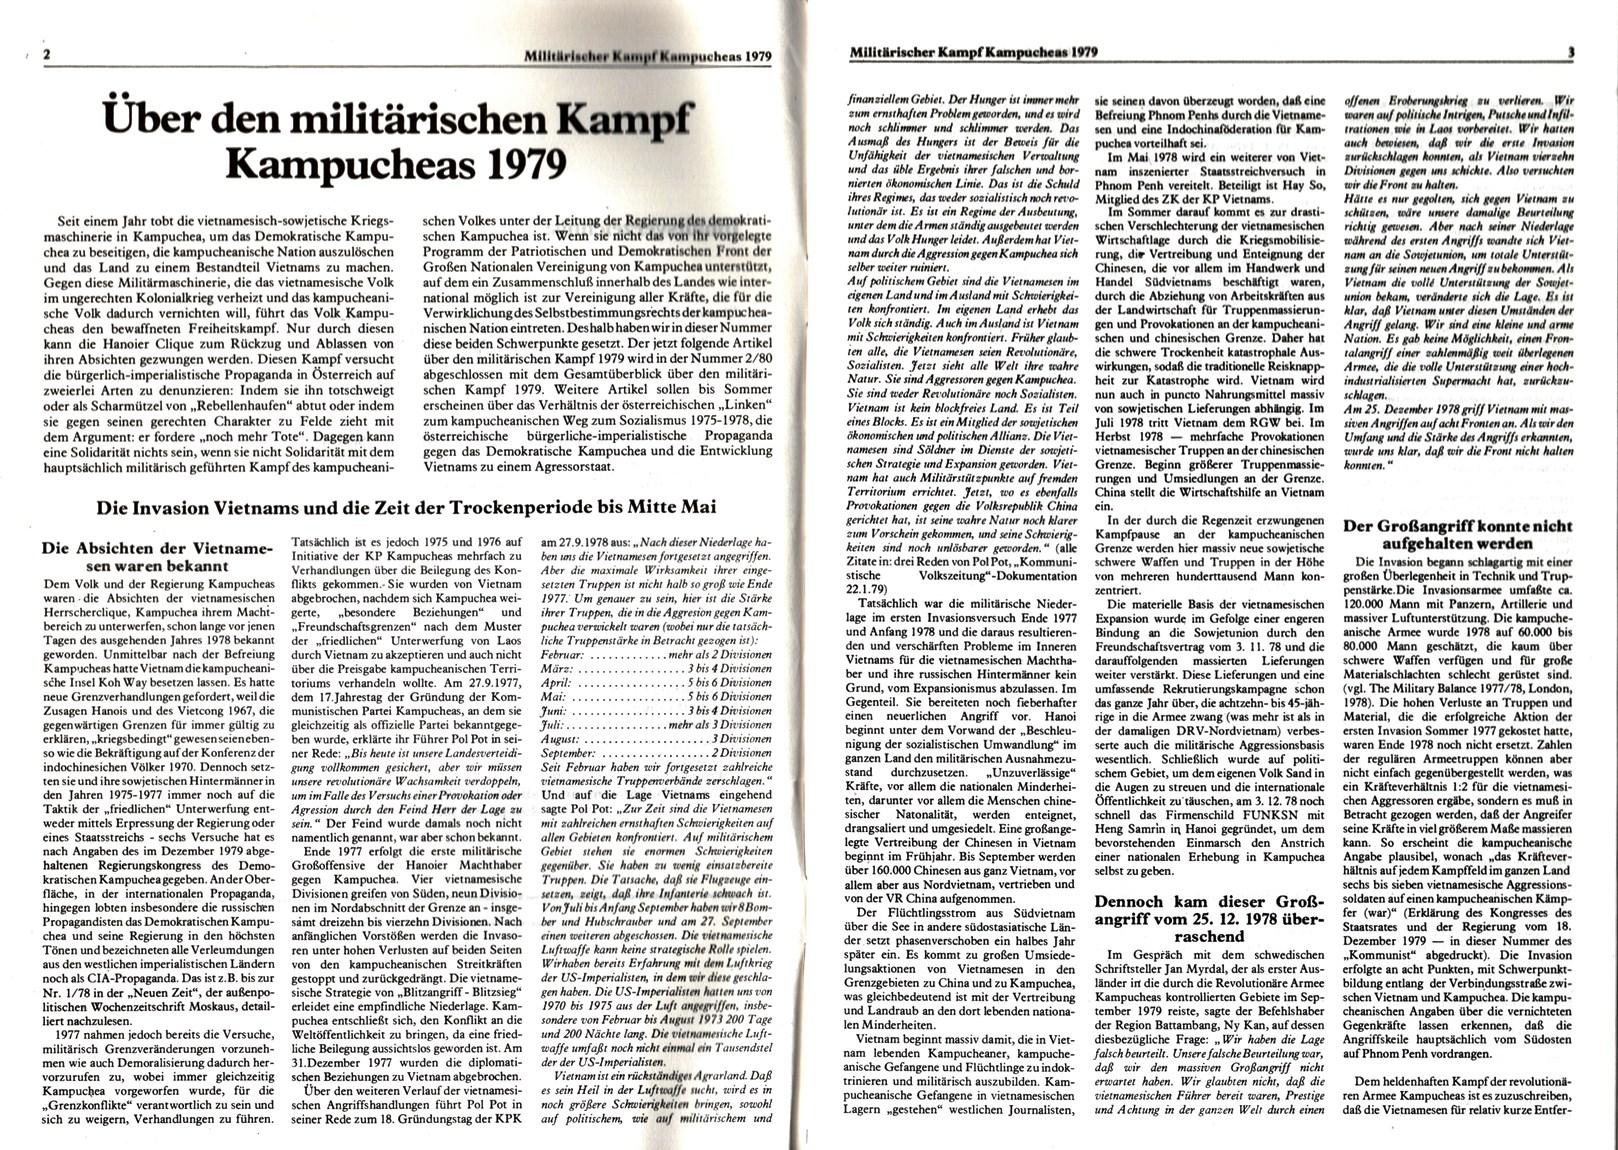 KBOe_TO_Kommunist_19800100_001_003